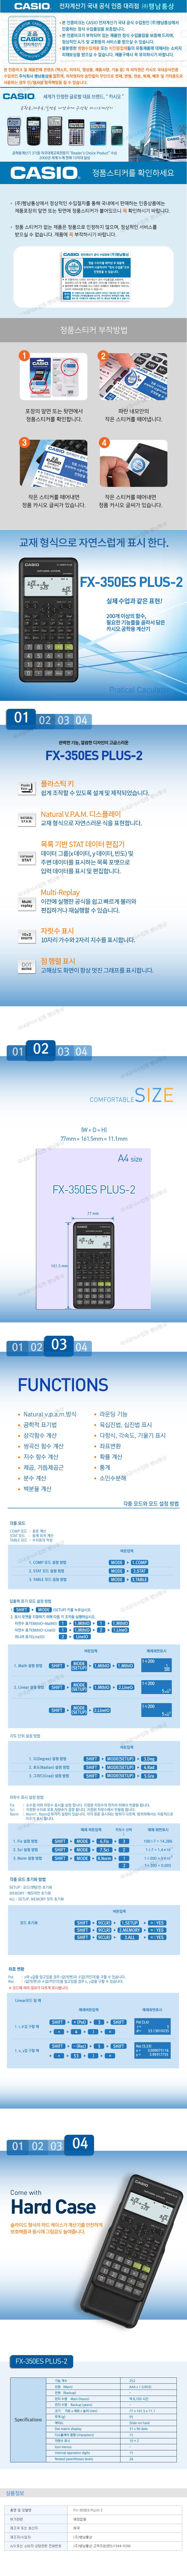 공학용계산기(FX-350ES PLUS-2/CASIO)15,400원-오피스디포디자인문구, 오피스 용품, 계산기, 공학용계산기바보사랑공학용계산기(FX-350ES PLUS-2/CASIO)15,400원-오피스디포디자인문구, 오피스 용품, 계산기, 공학용계산기바보사랑